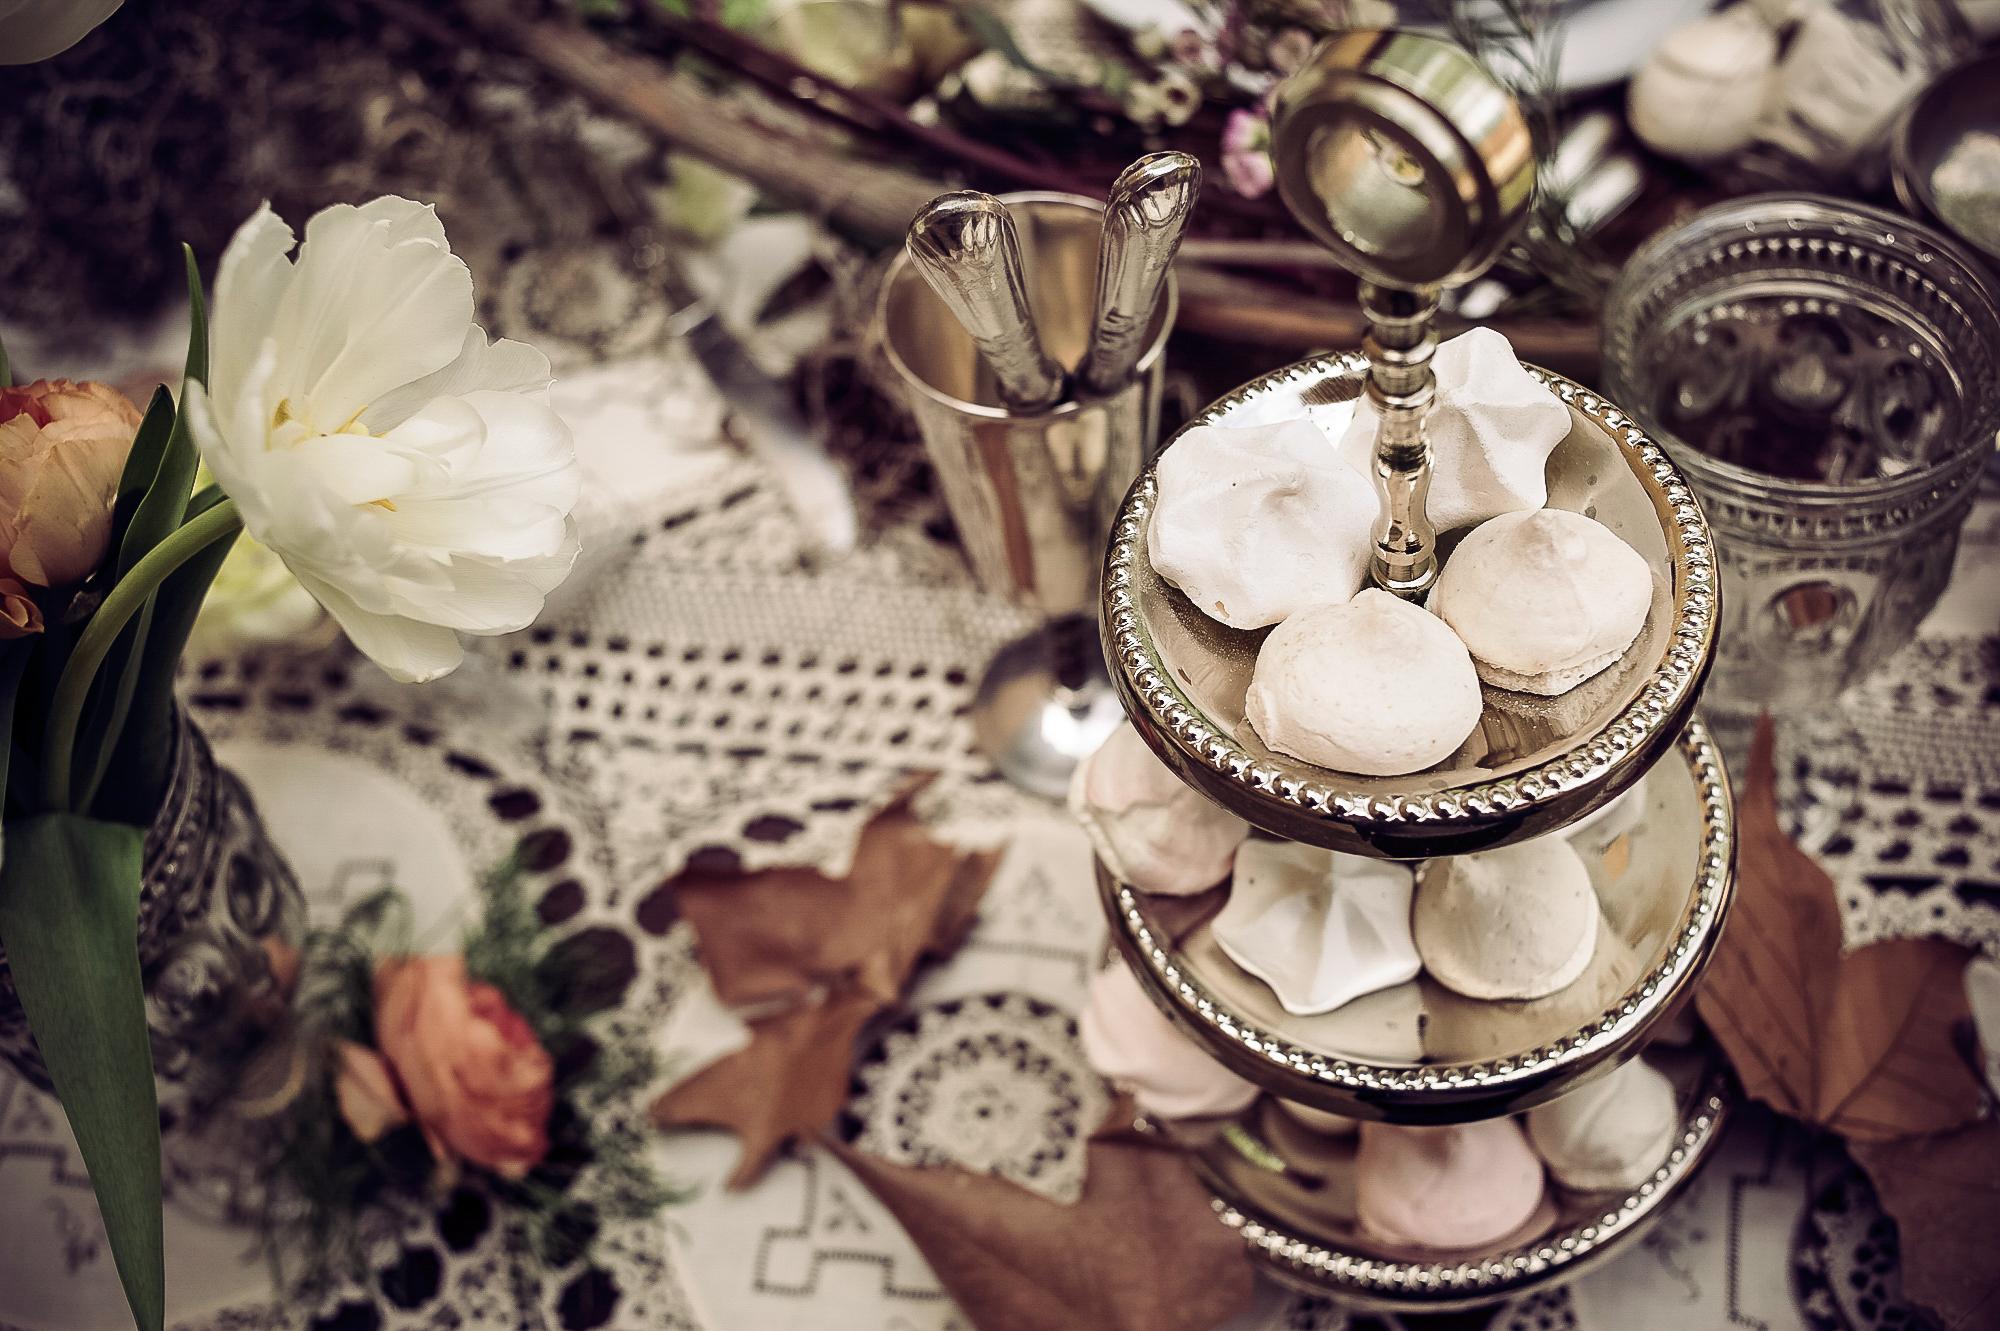 editorial-elbalcondealicia-revista-de-novias-coronas-repostería-blog-de-bodas07